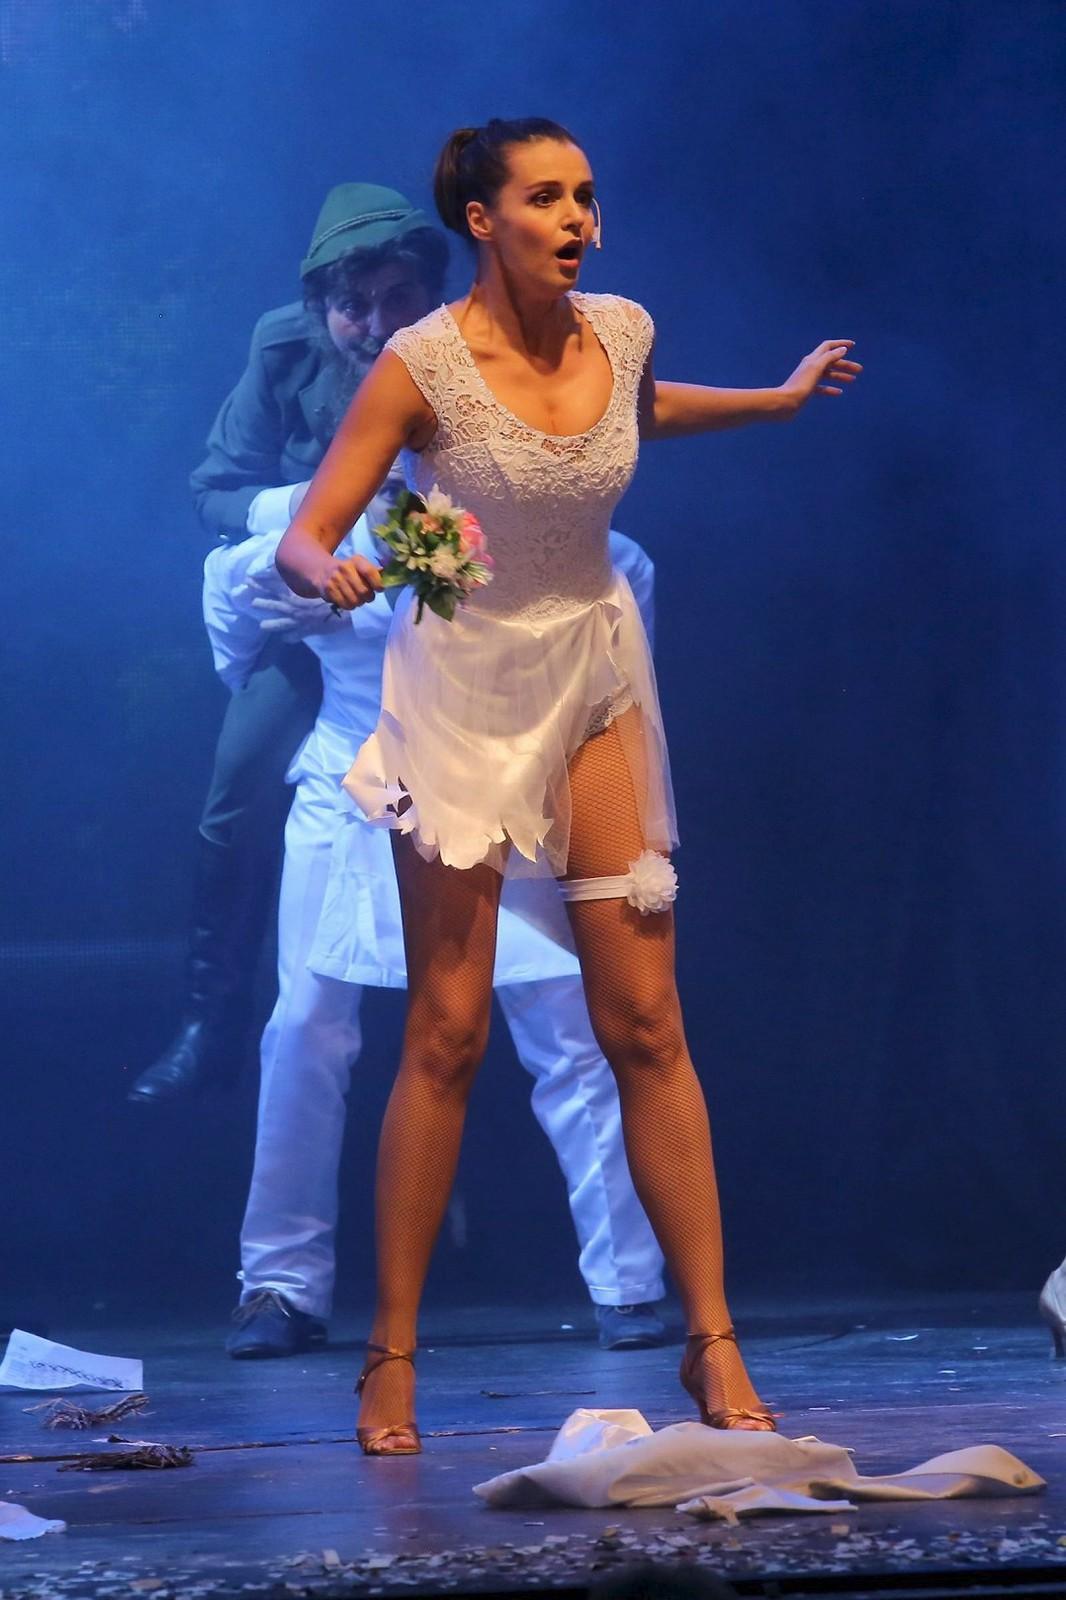 V muzikálu se Iva obnažuje, neboť na učitelce Veverkové roztrhají svatební šaty.